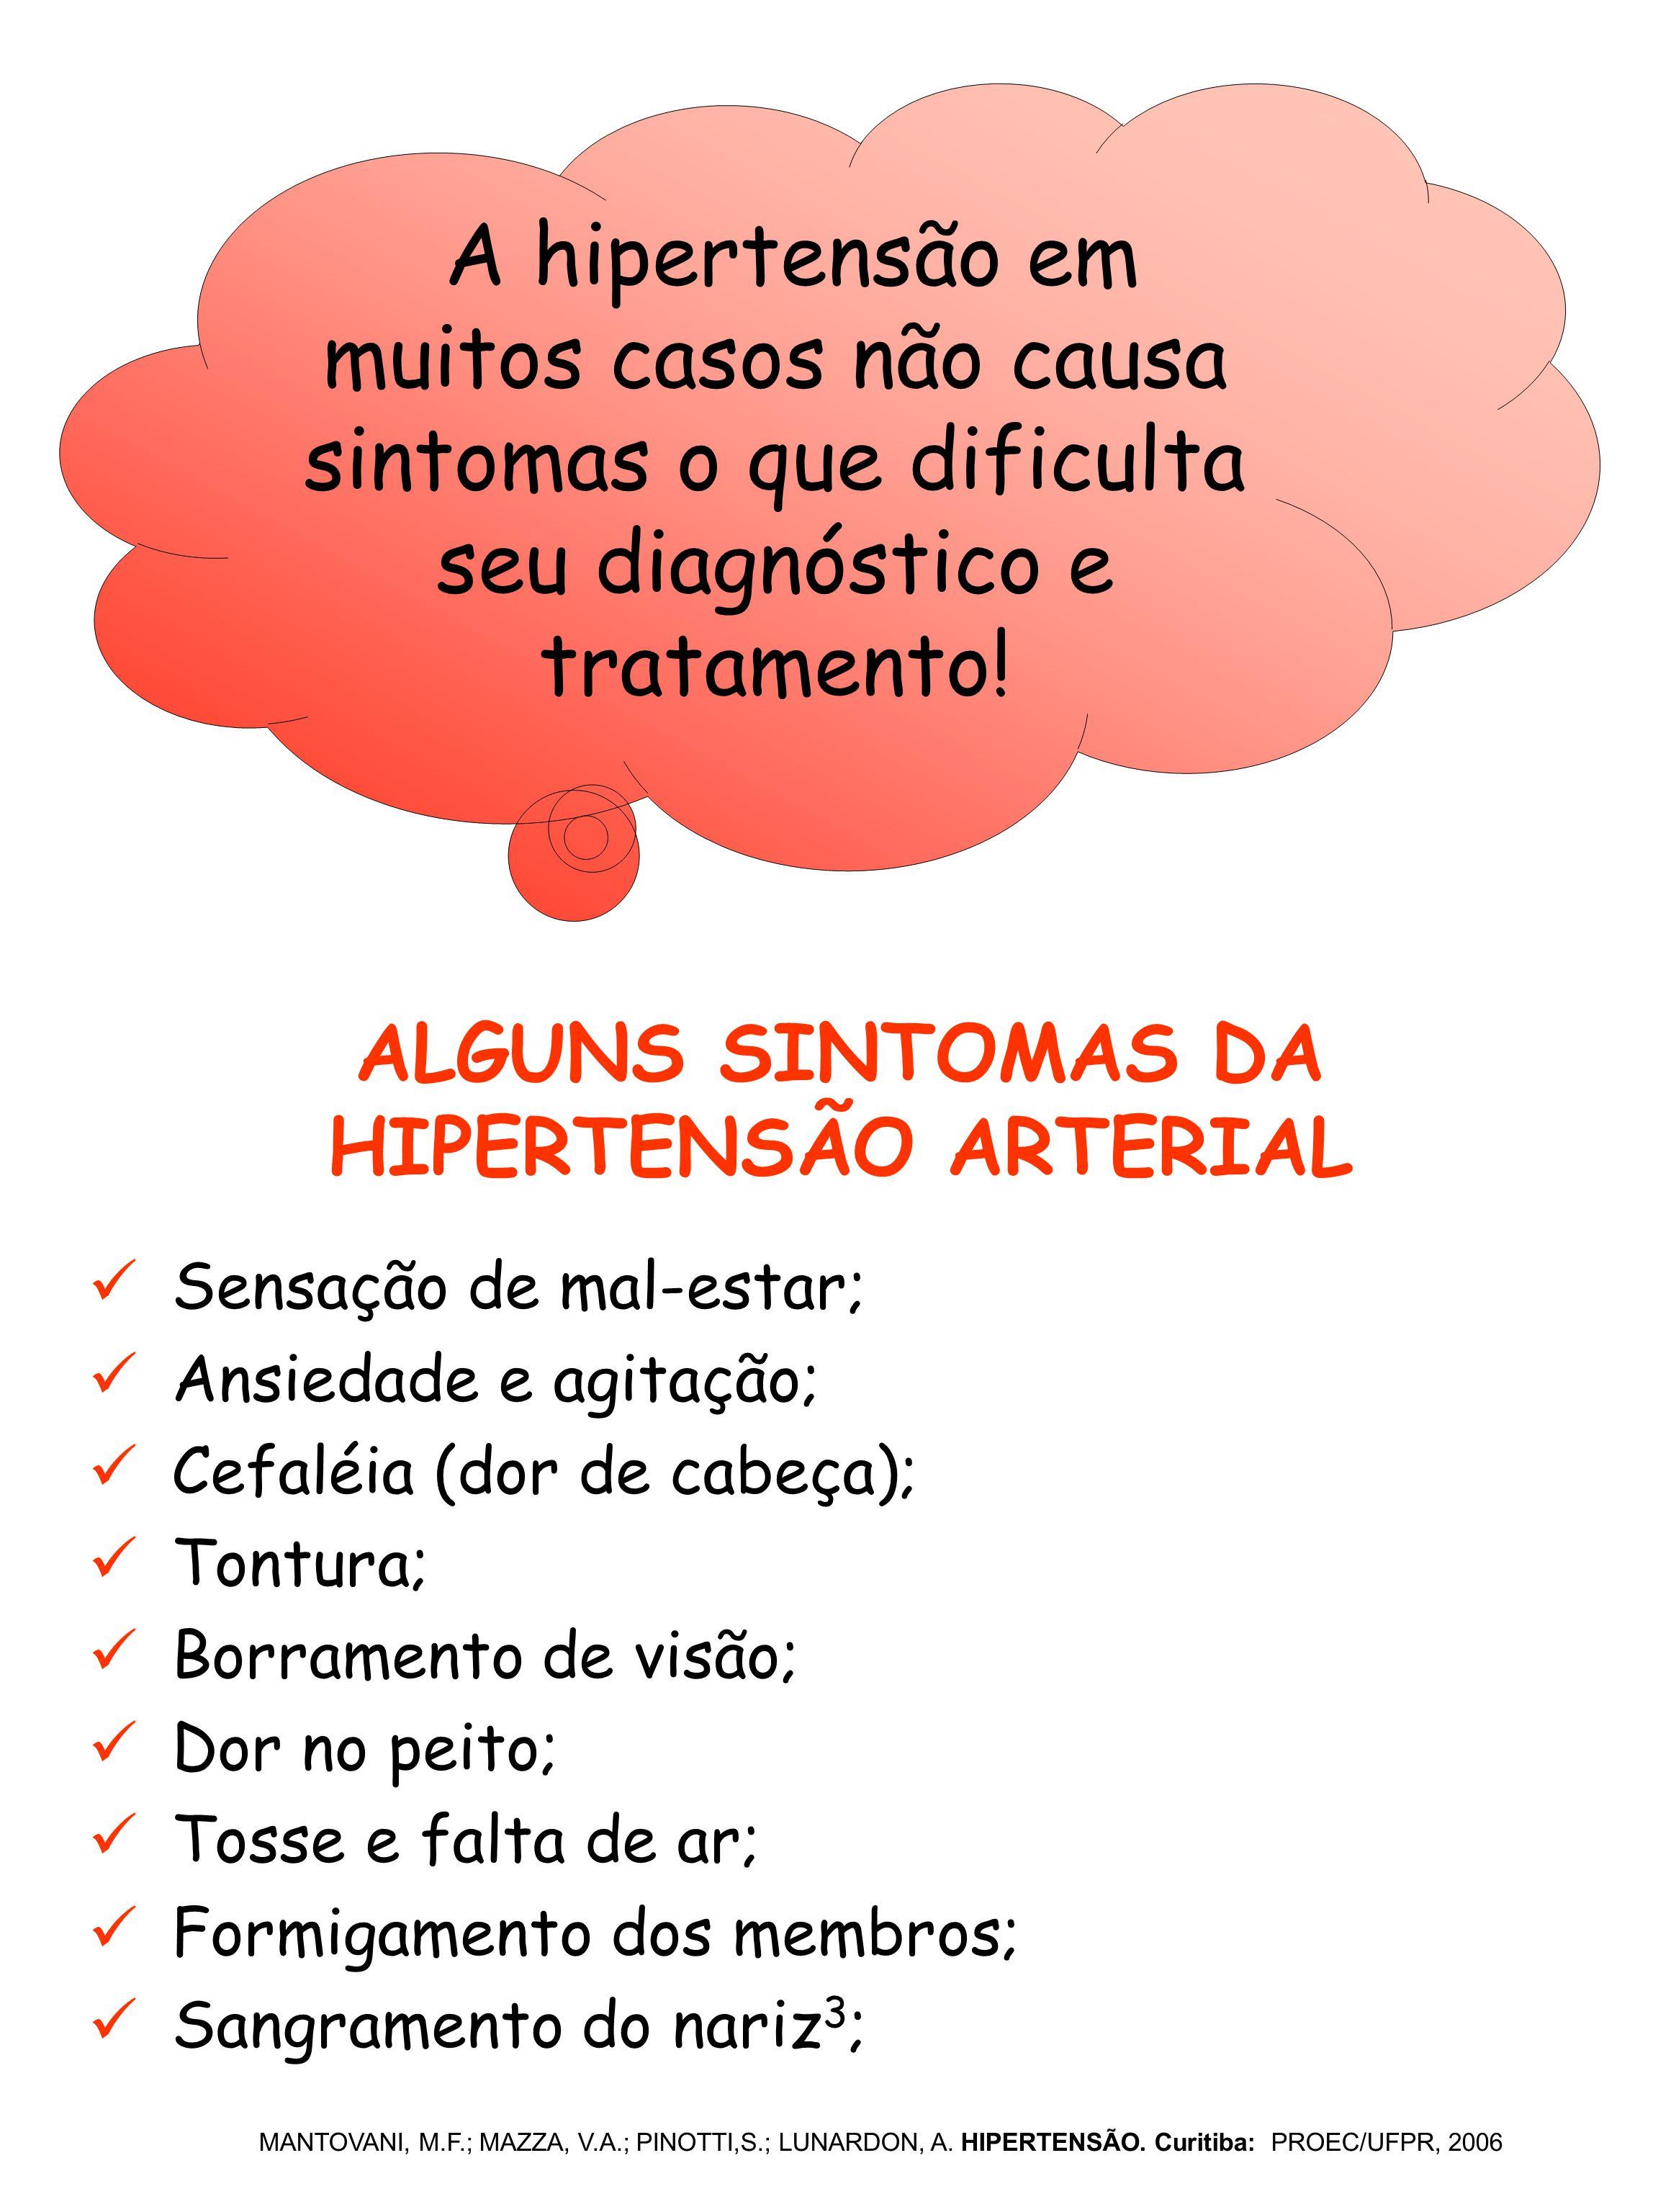 ALGUNS SINTOMAS DA HIPERTENSÃO ARTERIAL Sensação de mal-estar; Ansiedade e agitação; Cefaléia (dor de cabeça); Tontura; Borramento de visão; Dor no pe